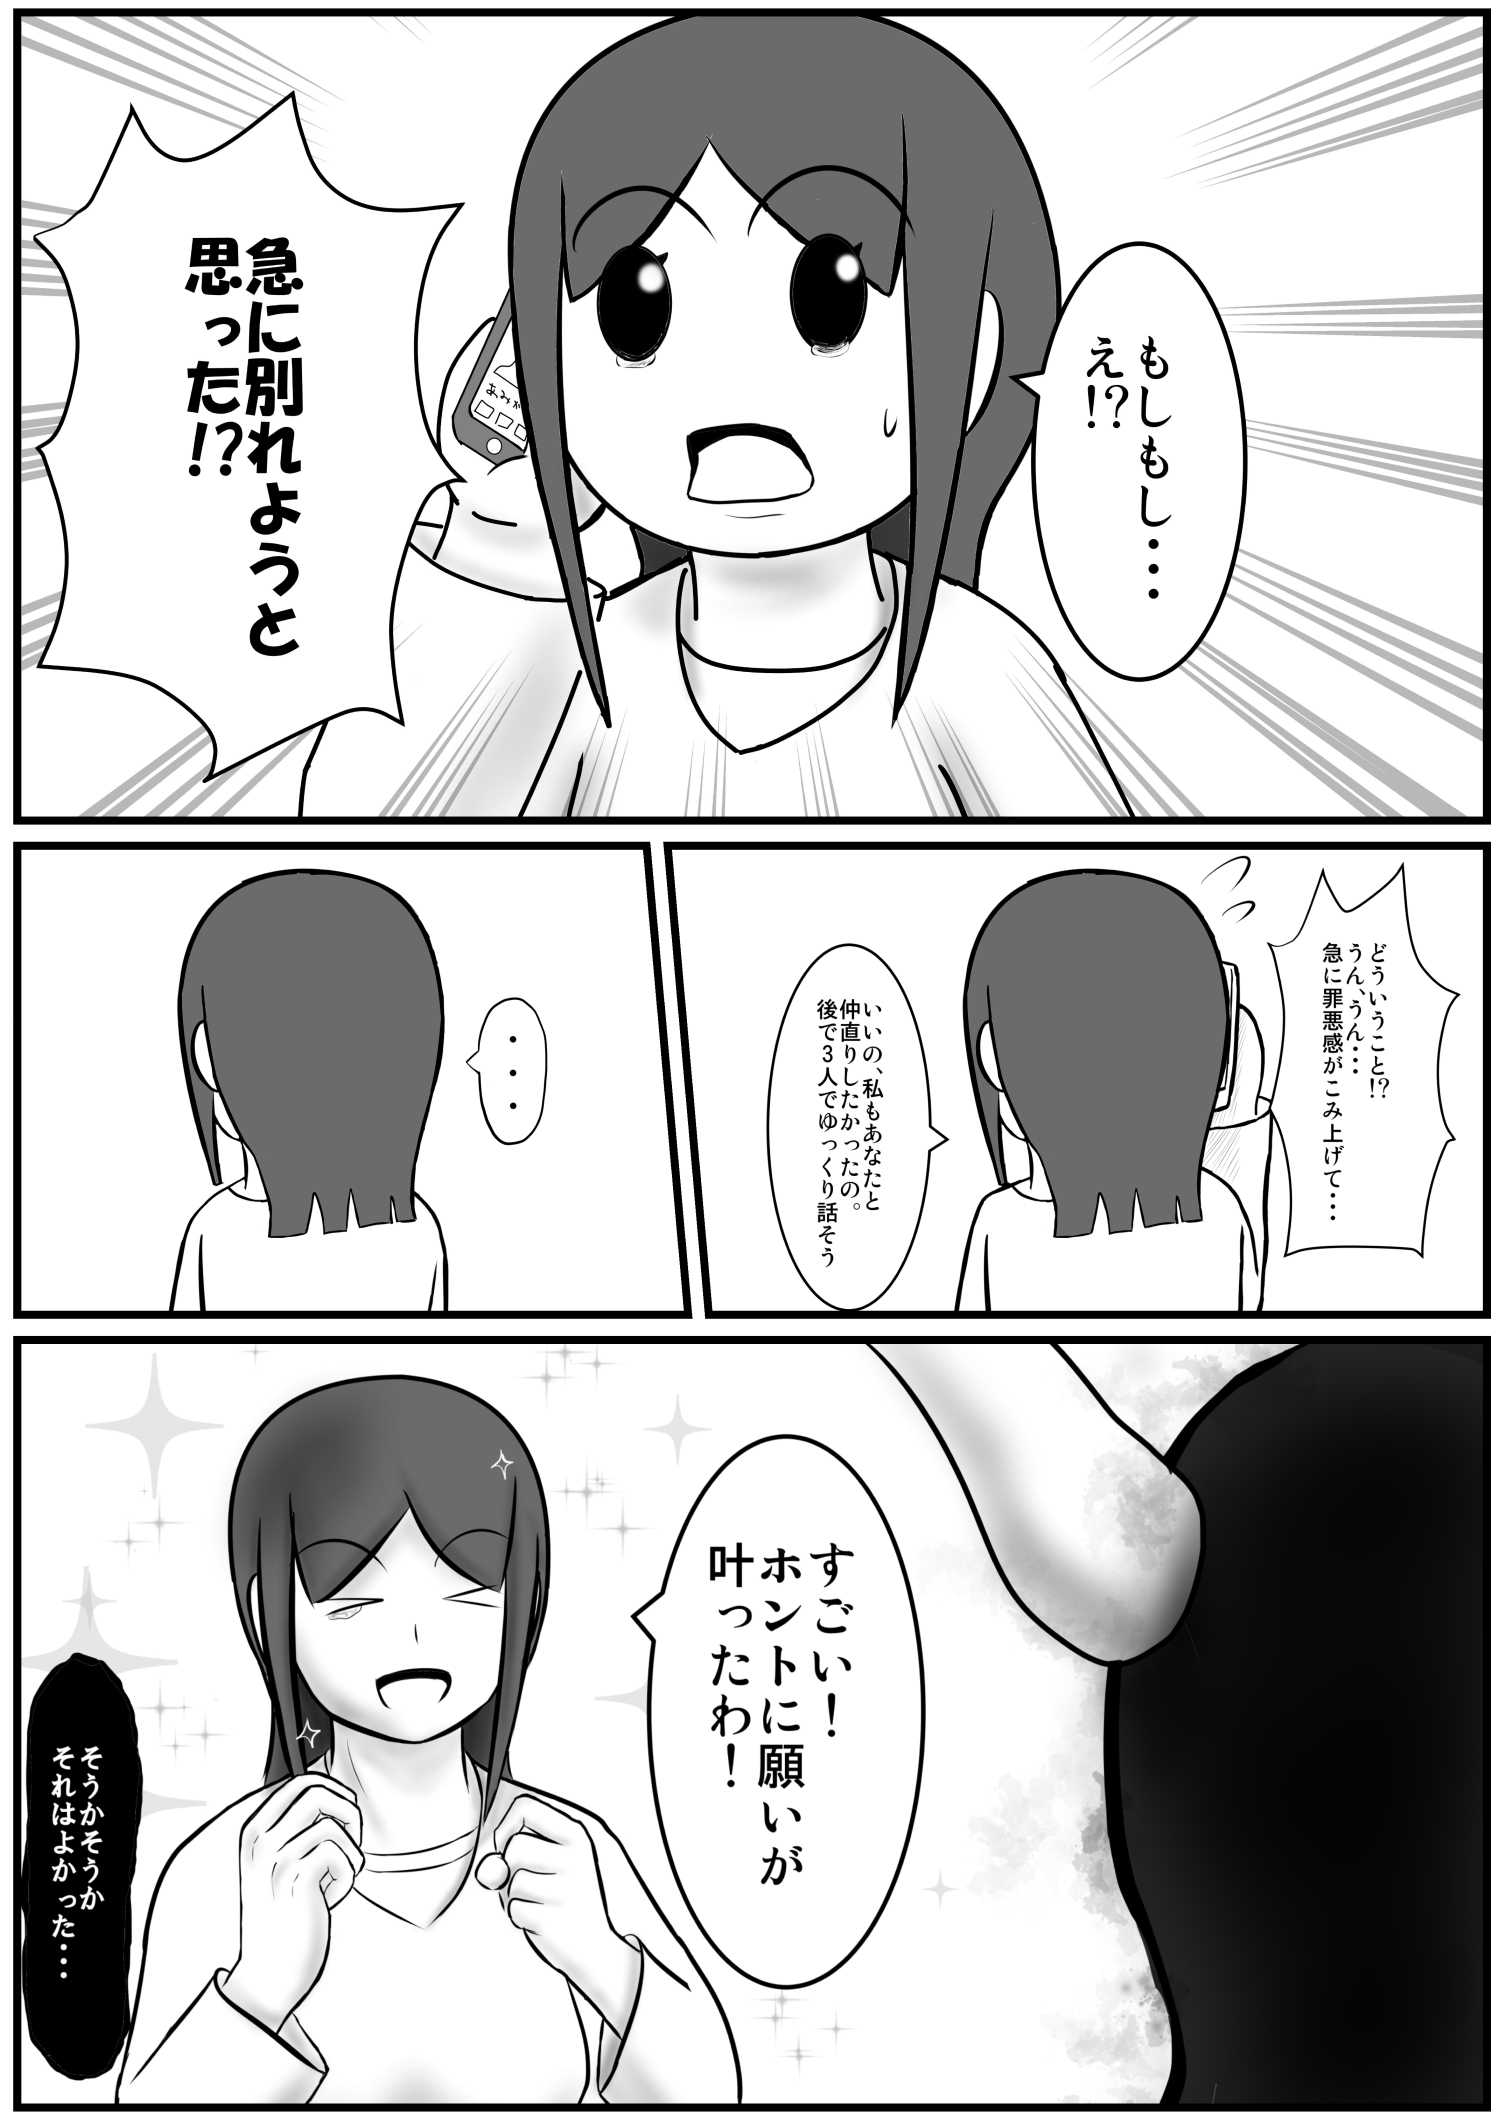 悪魔の勘違い マンガ_014